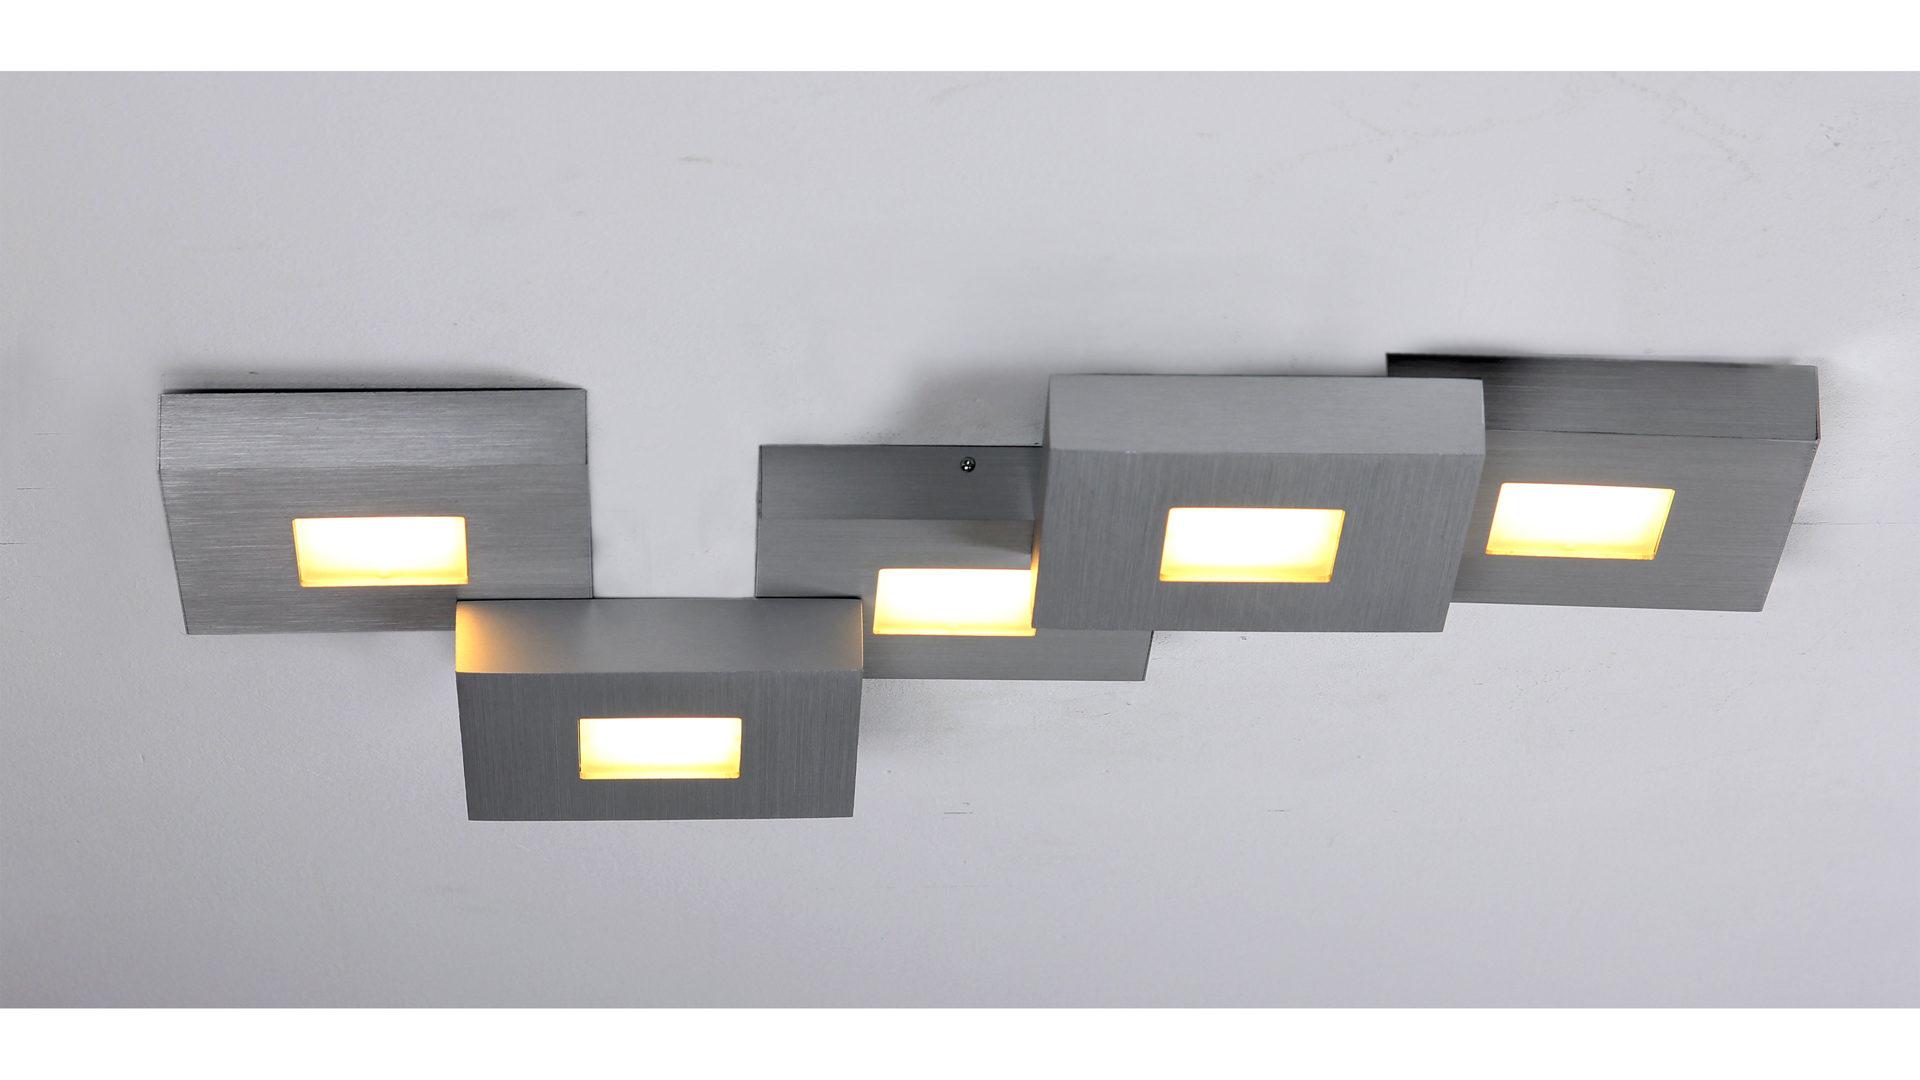 möbel frauendorfer amberg | räume | wohnzimmer | lampen + leuchten, Wohnzimmer dekoo